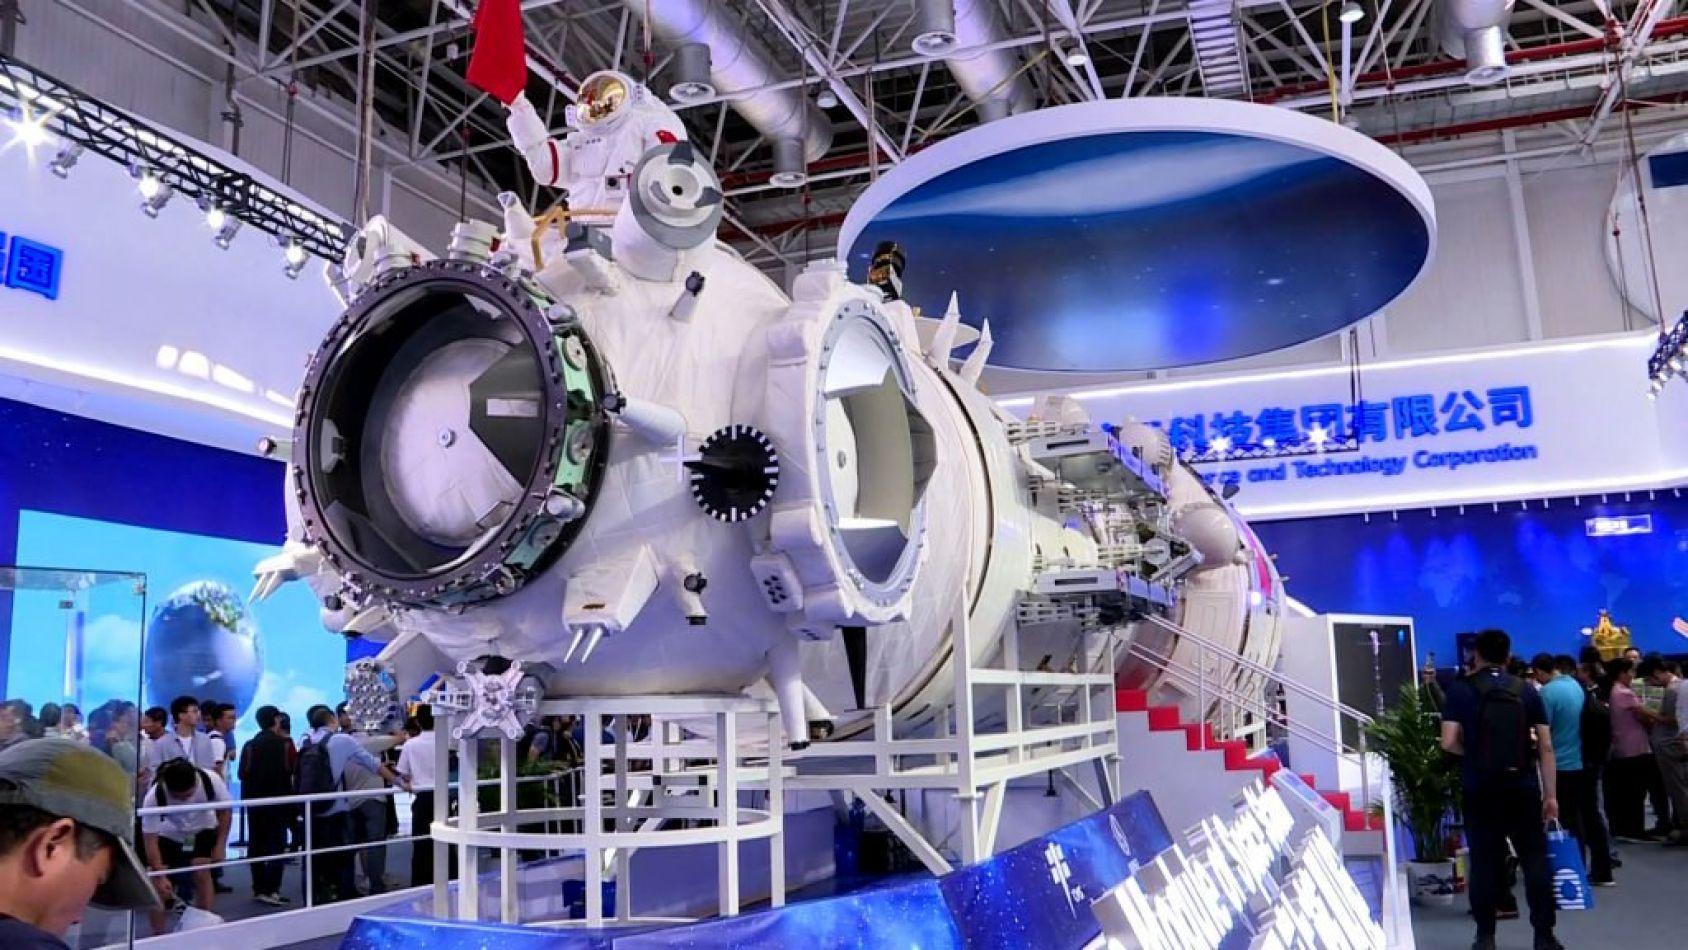 China presentó una réplica de su primera gran estación espacial, que planea lanzar a partir de 2022